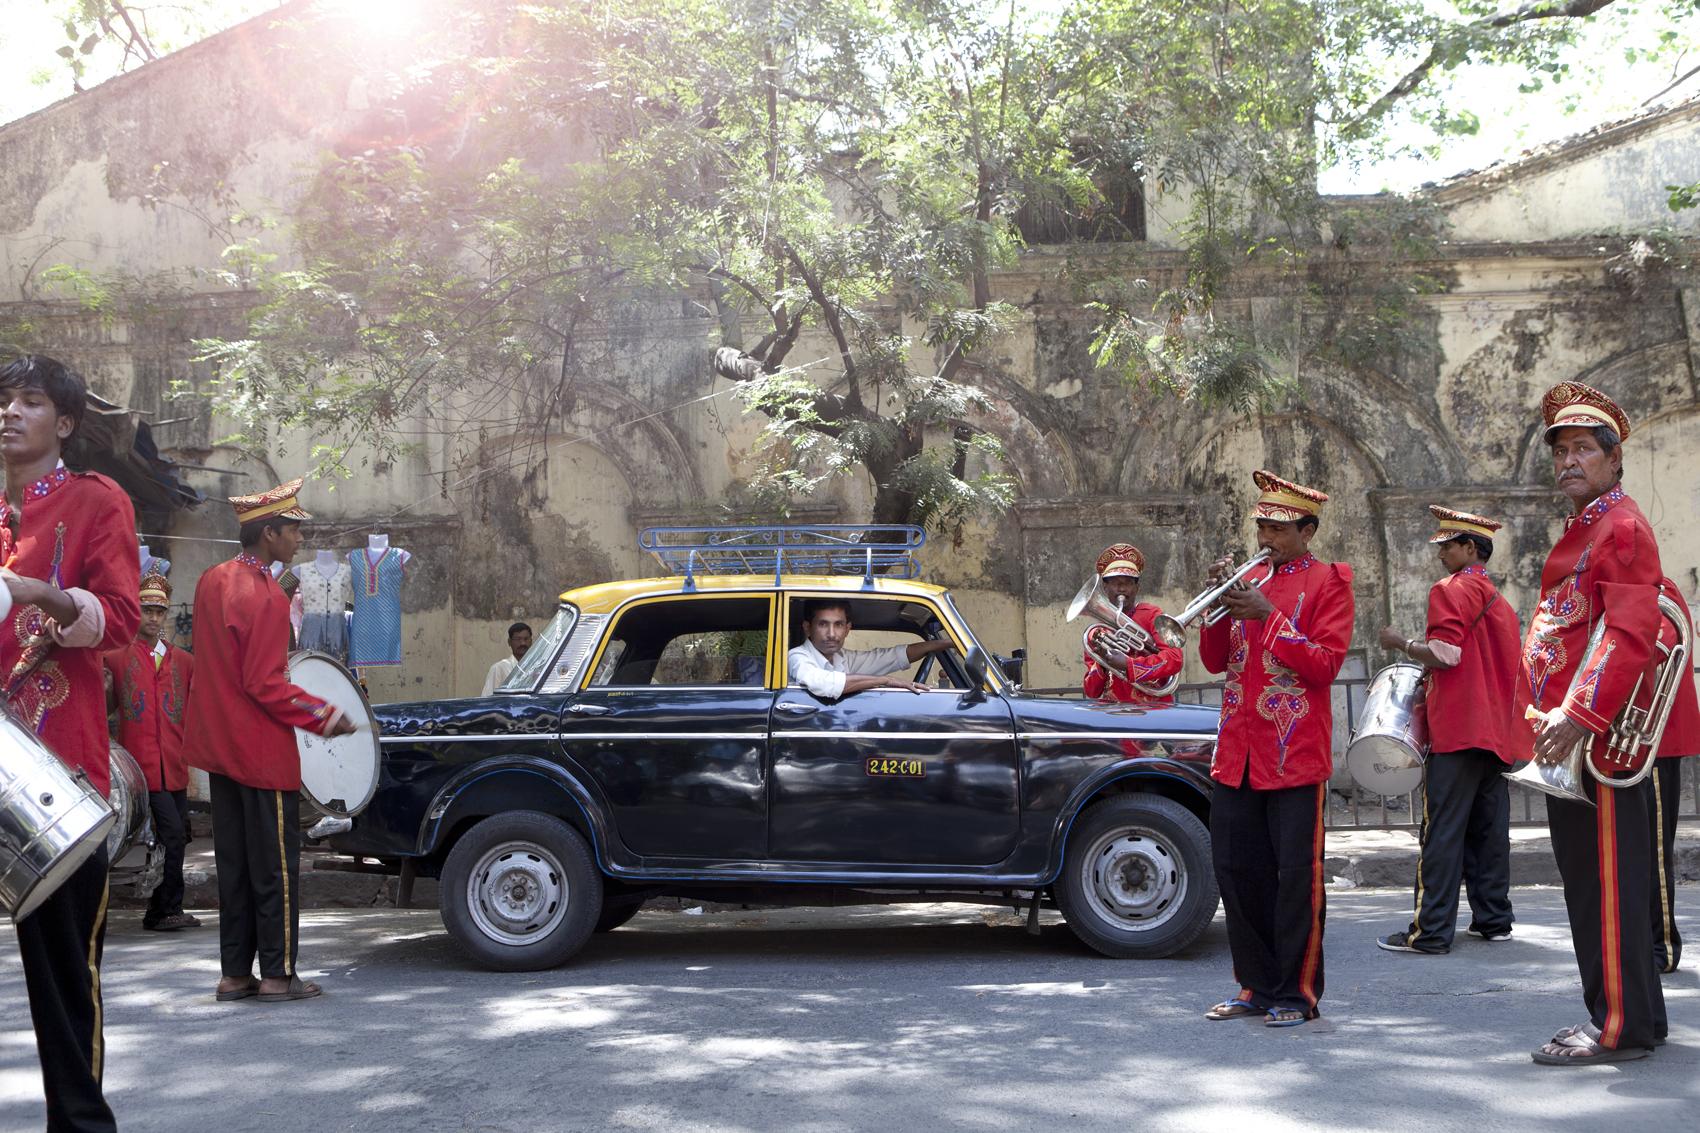 2_mumbai taxi 33 FA.jpg